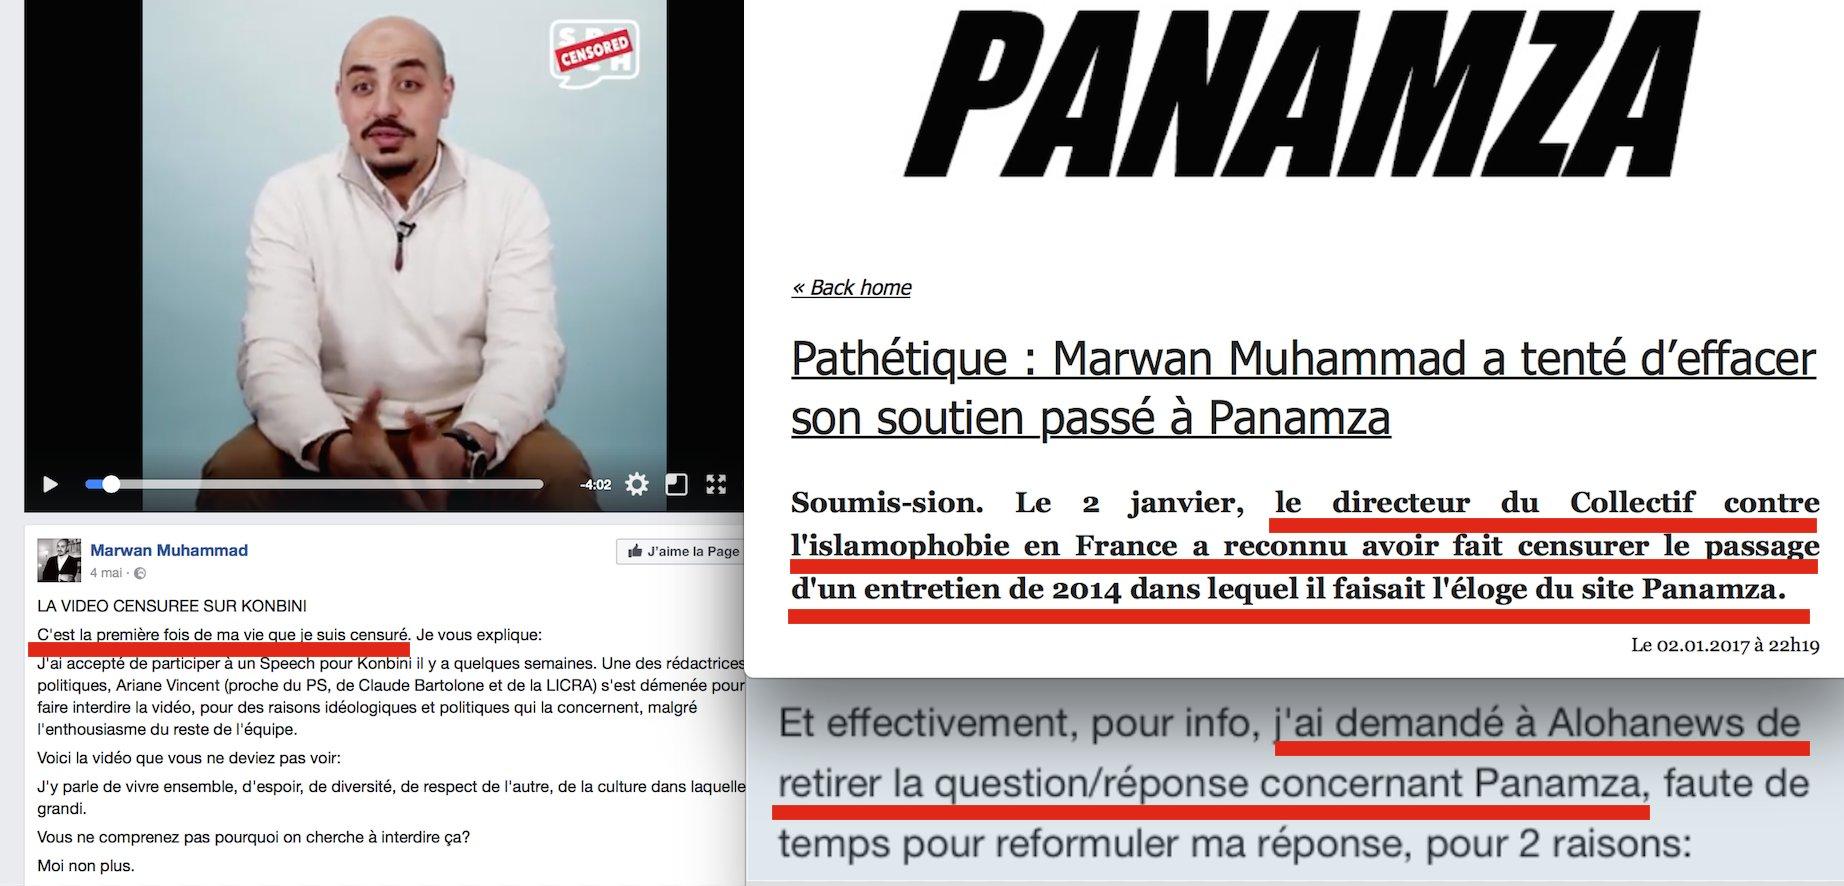 L'hypocrisie de Marwan Muhammad en une image